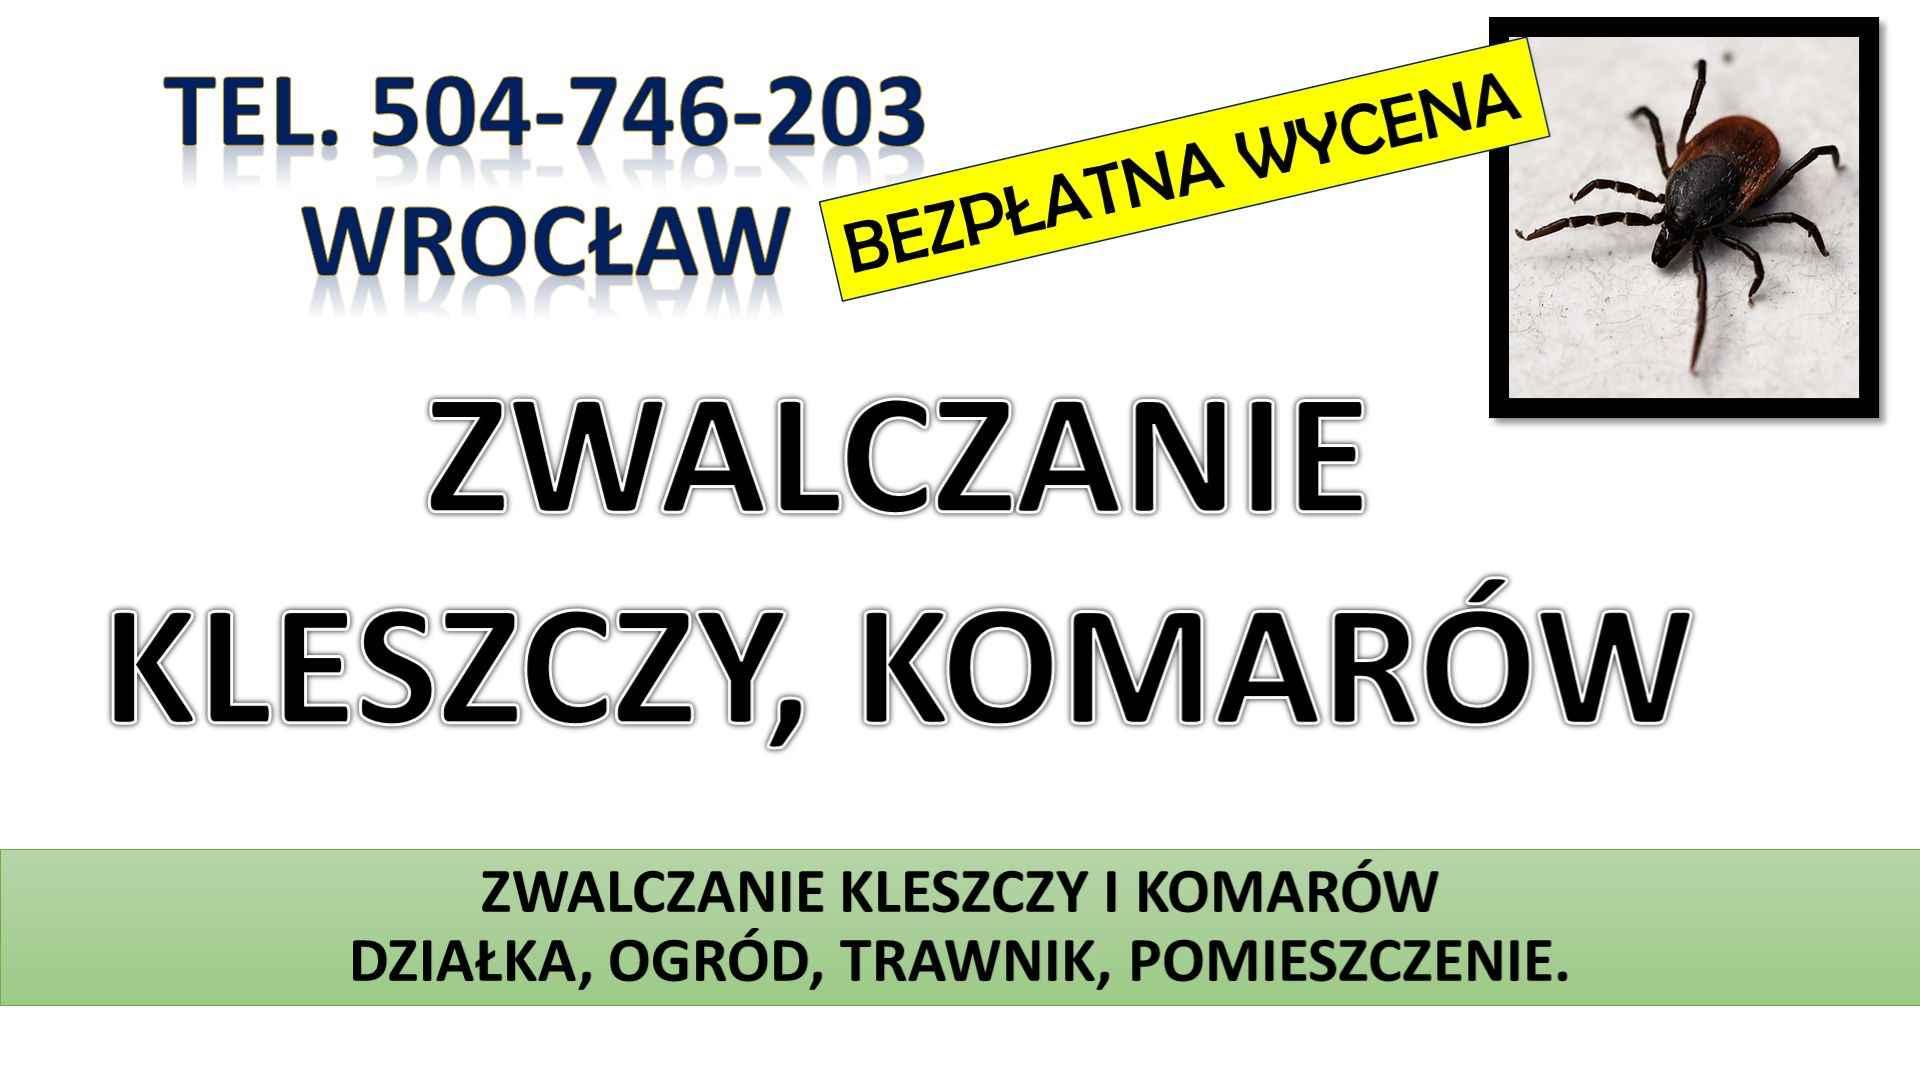 Zwalczanie kleszczy, cena, Wrocław, t504-746-203, Opryski, likwidacja. Psie Pole - zdjęcie 8